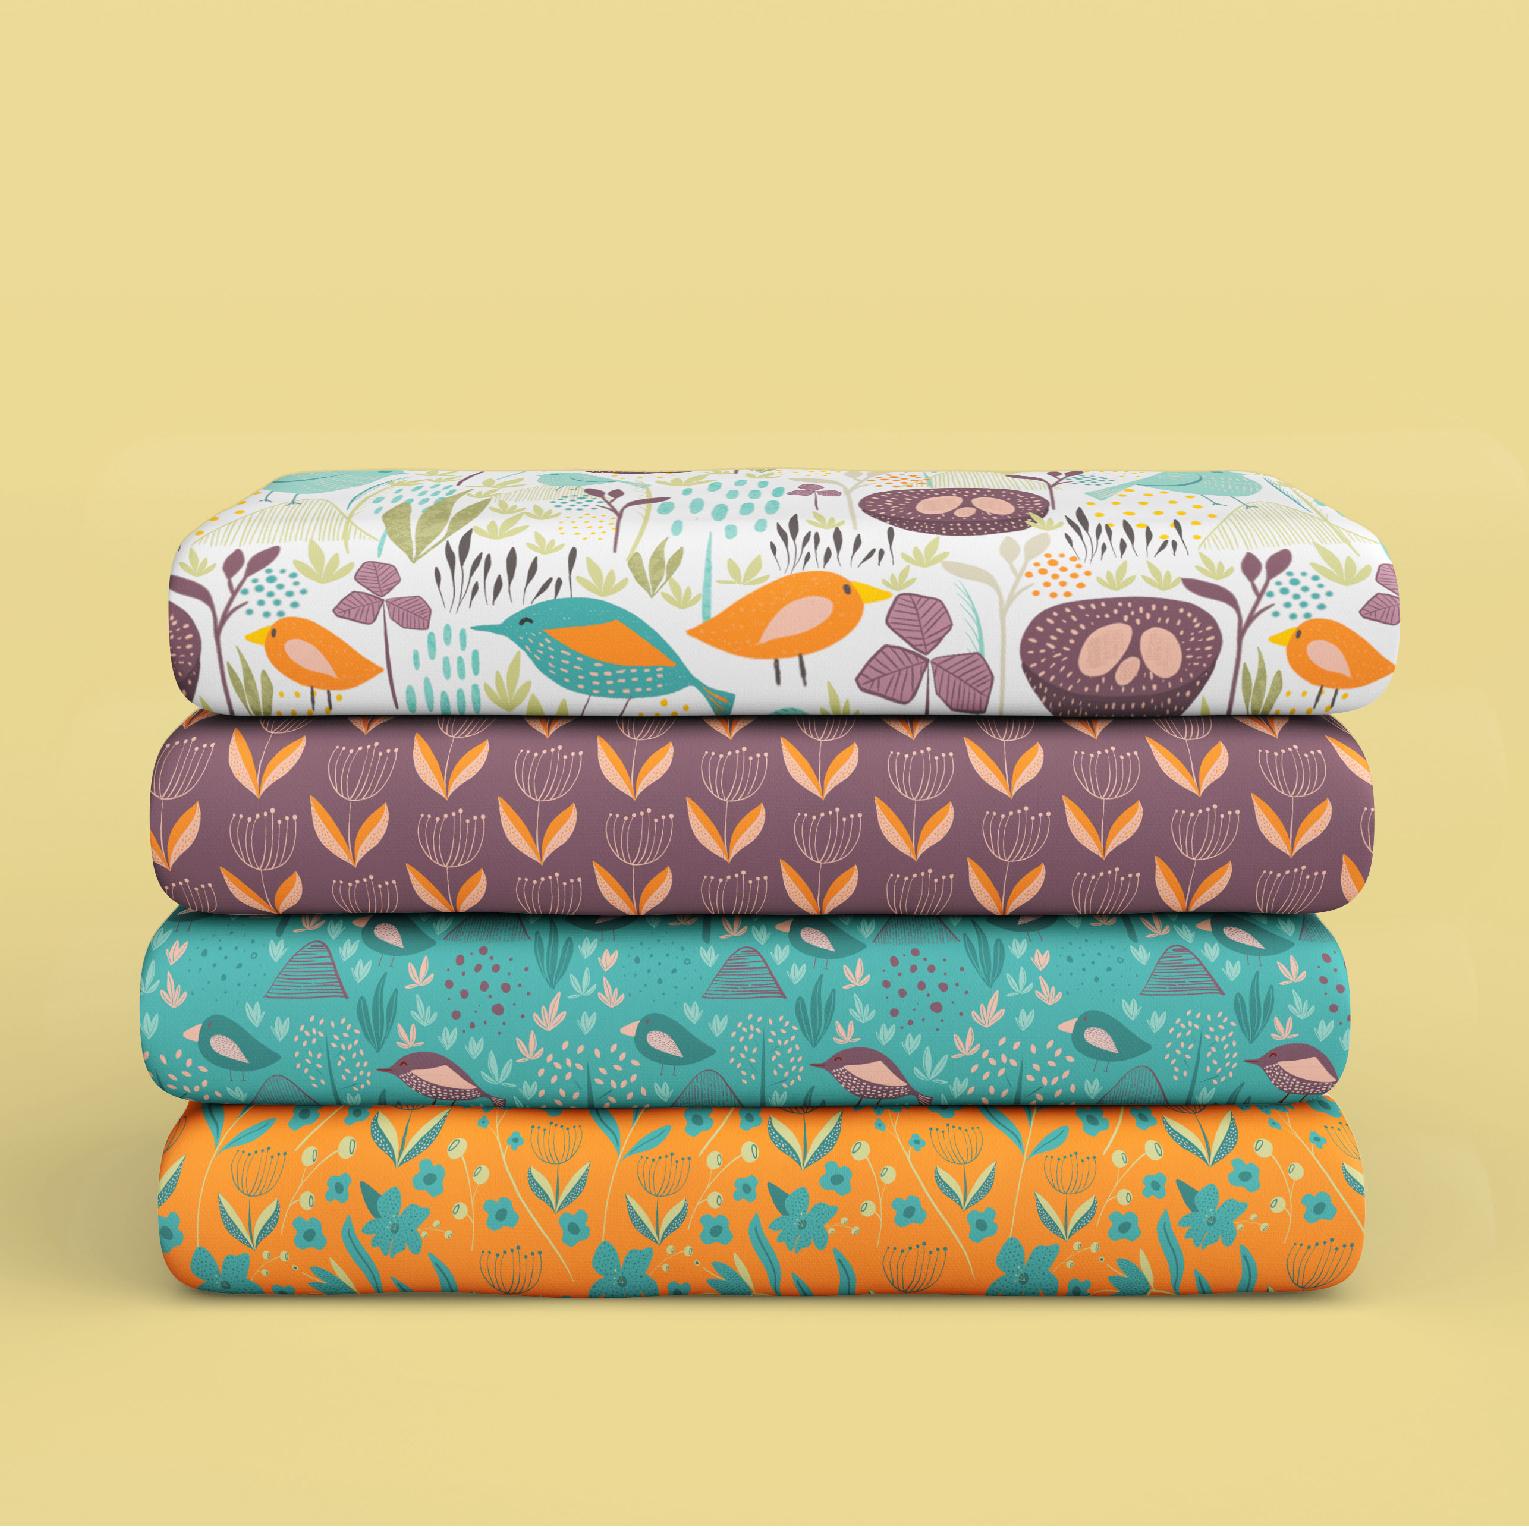 birdsky fabric.jpg